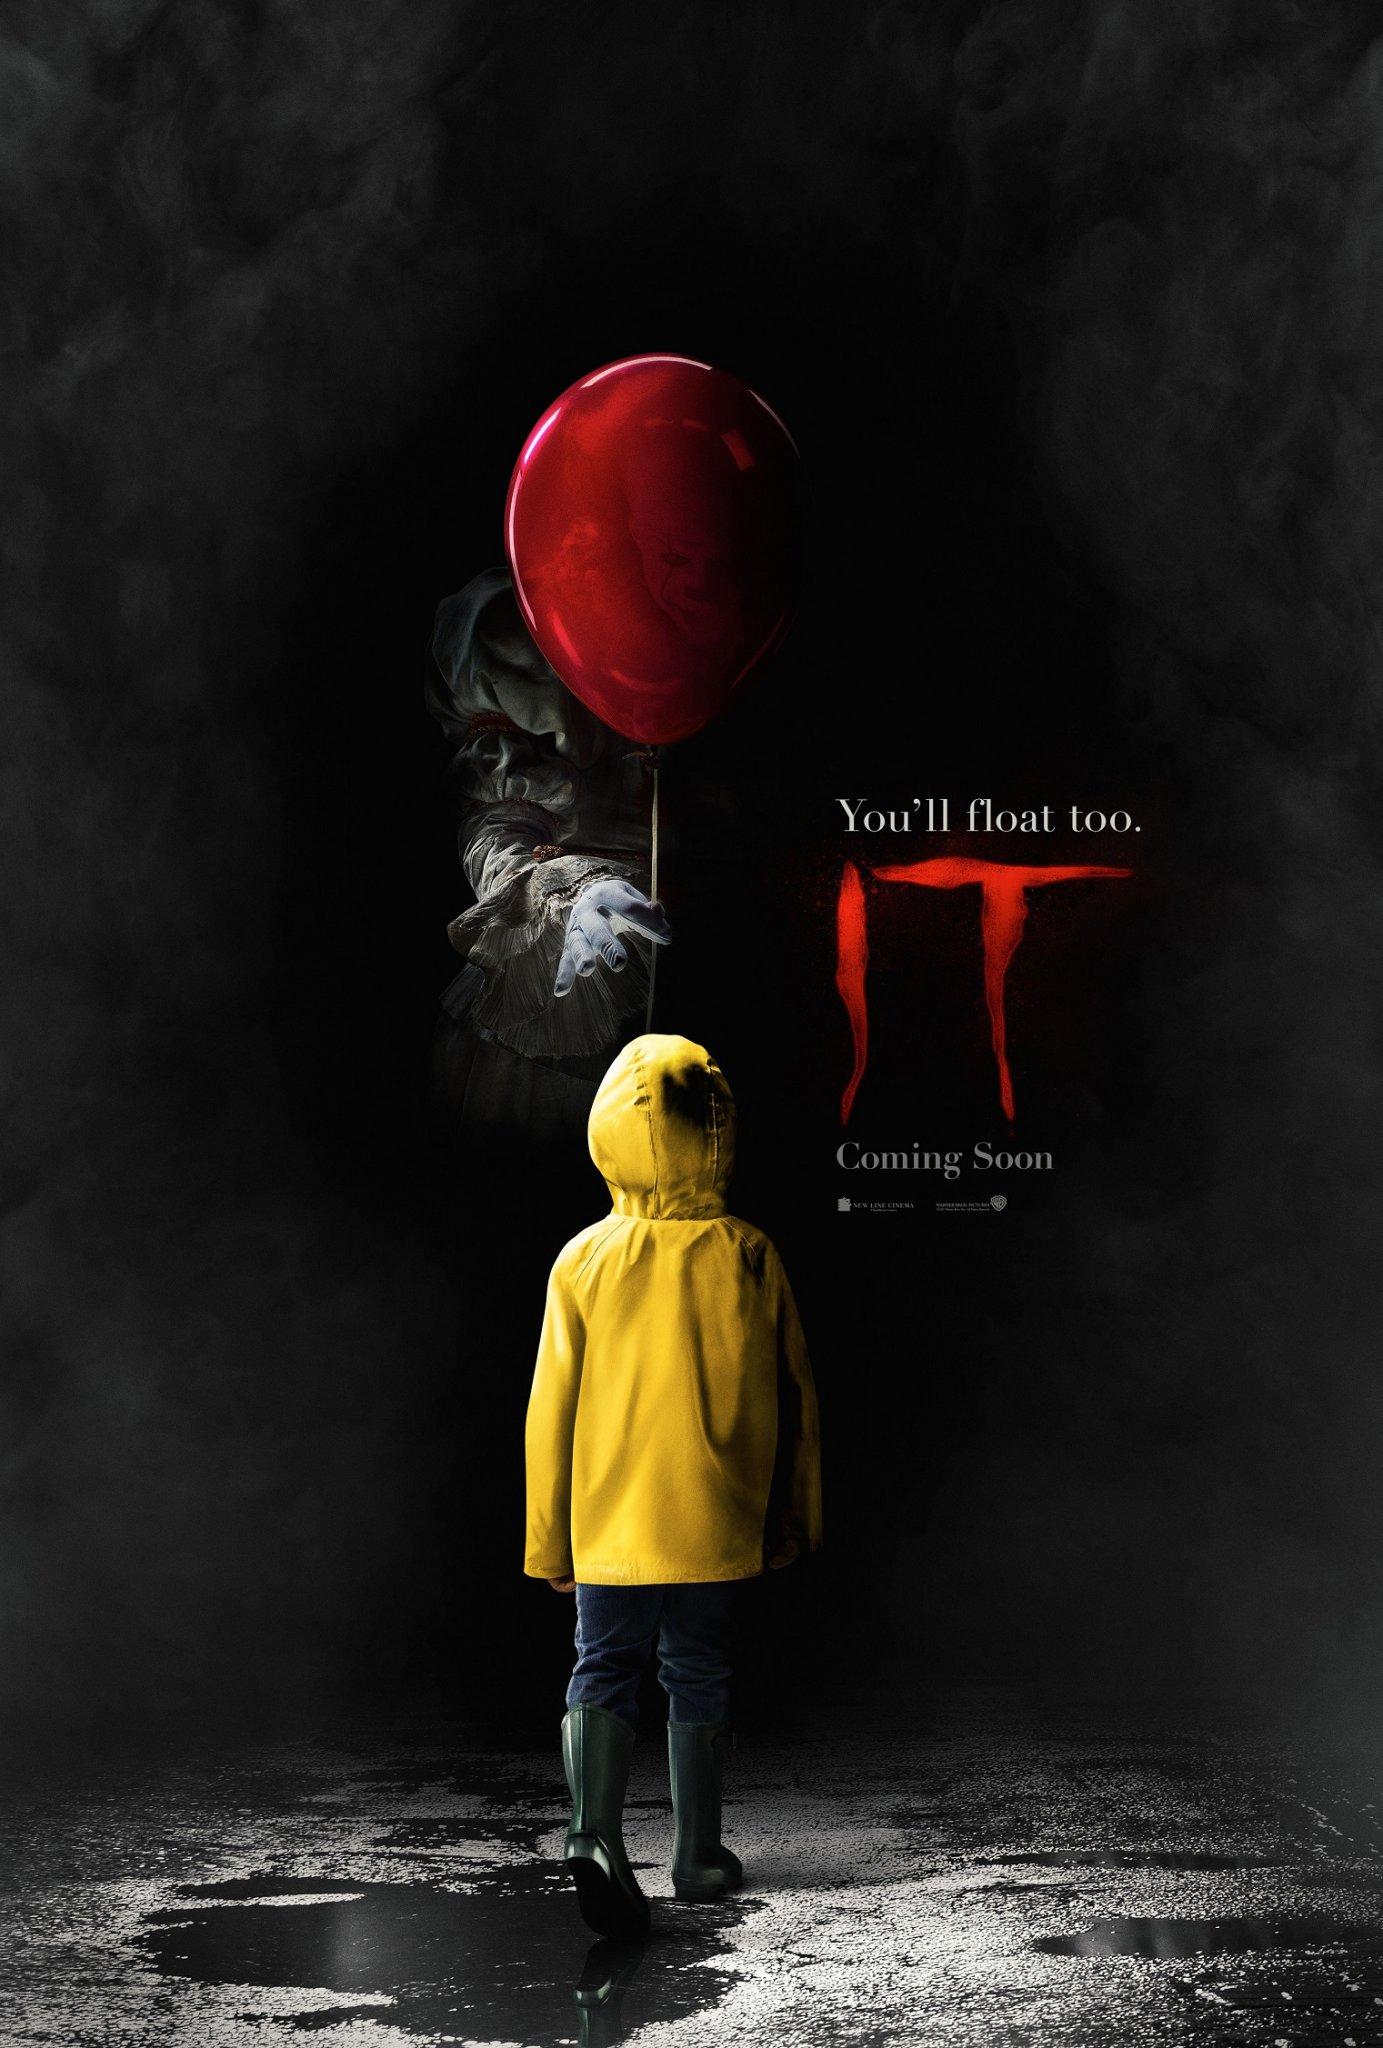 Stephen-Kings-IT-Movie-Poster